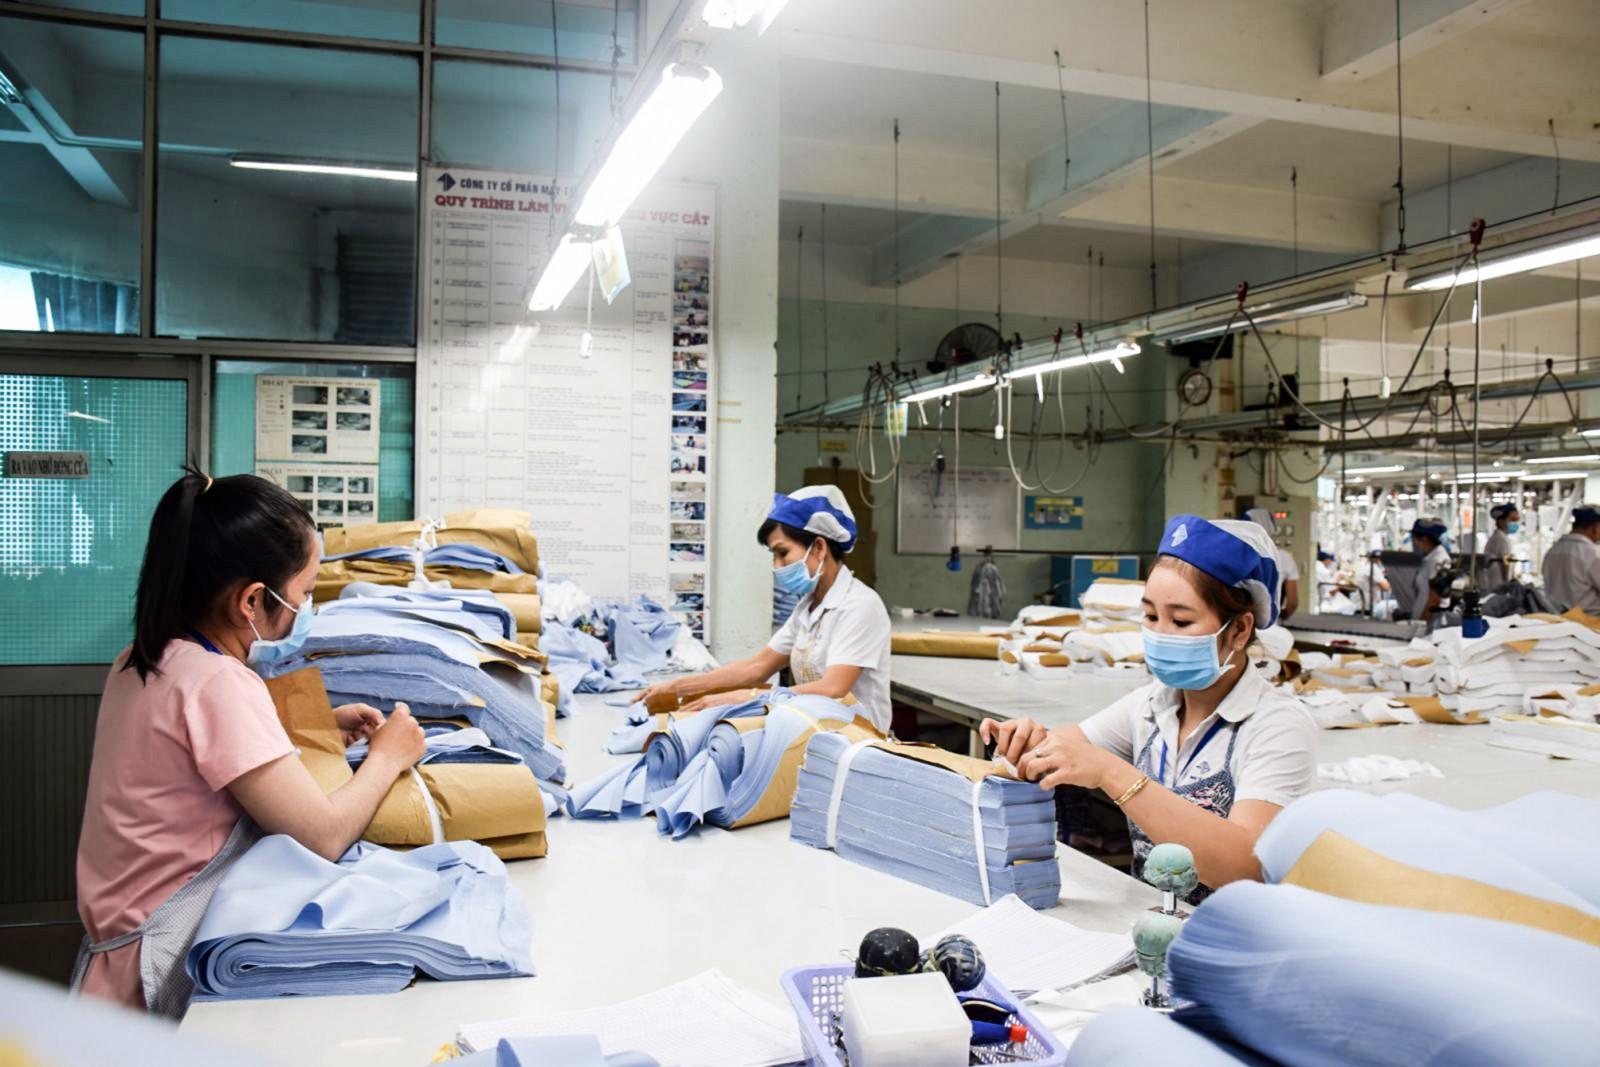 Hoạt động sản xuất tại Công ty Cổ phần May Tây Đô. Ảnh: T. TRINH